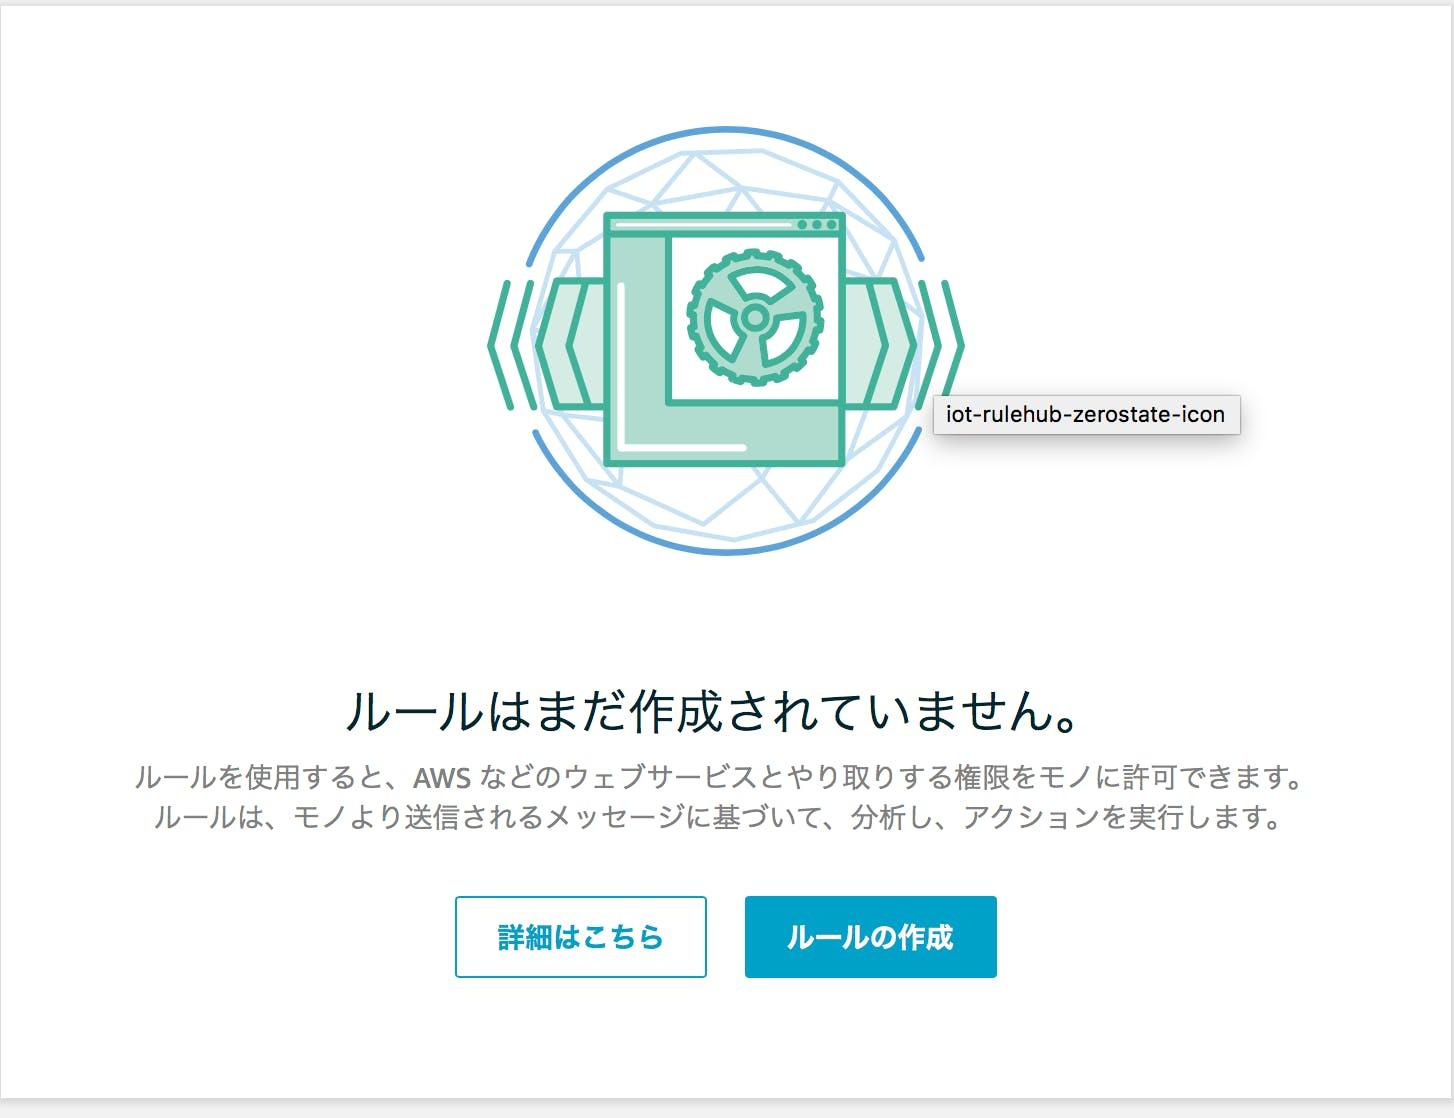 スクリーンショット 2018-05-01 1.06.32.png